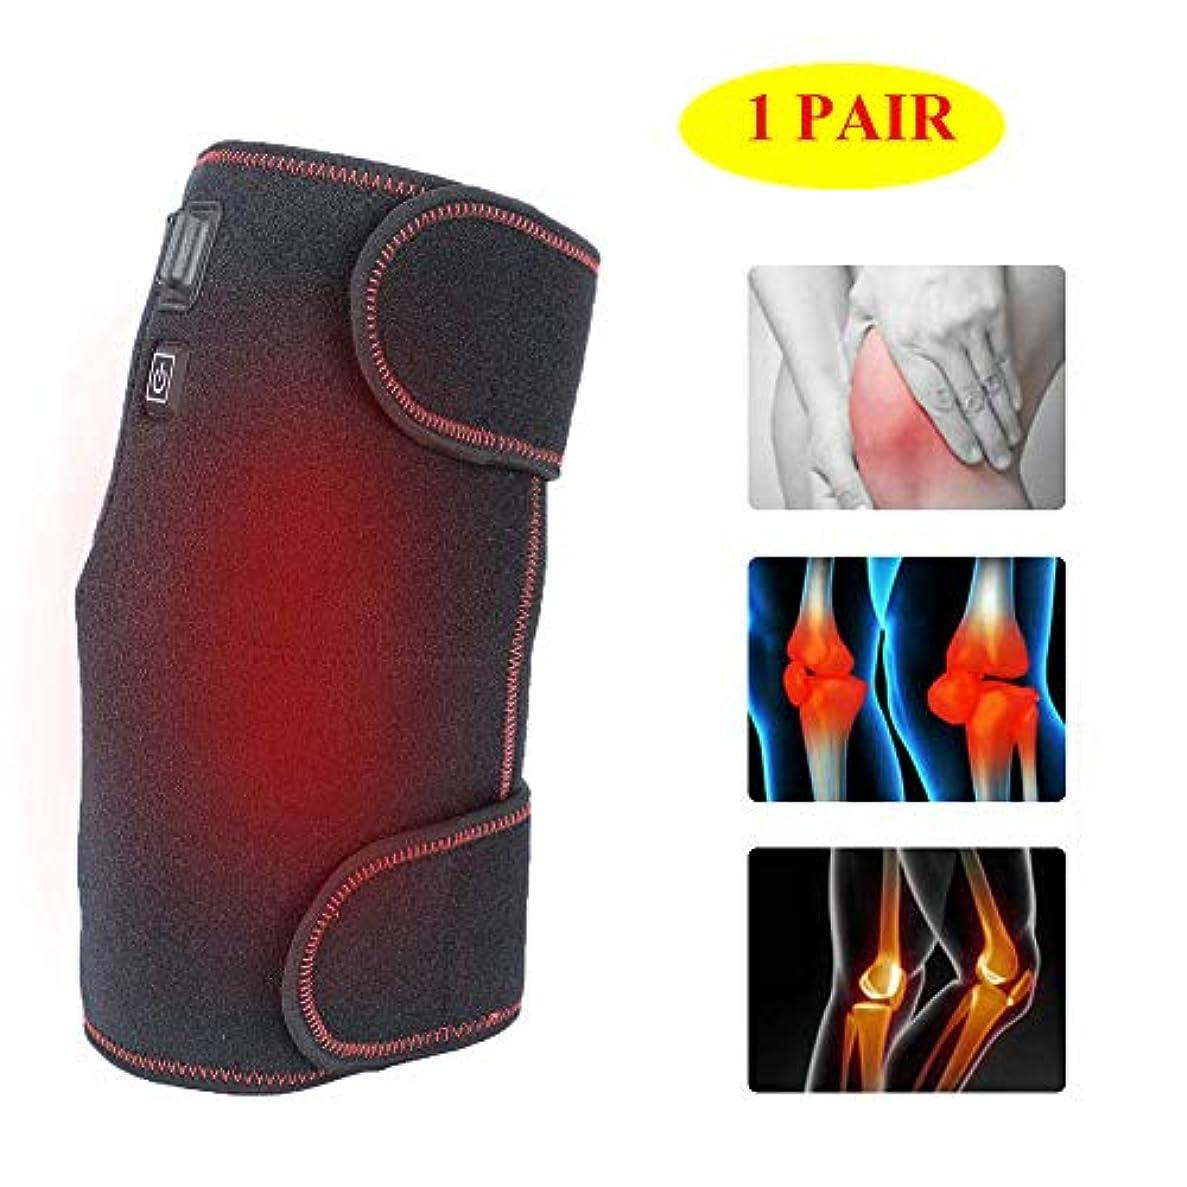 加熱膝ブレースサポート1ペア - USB充電式膝暖かいラップ加熱パッド - 療法ホット圧縮3ファイル温度で膝の傷害